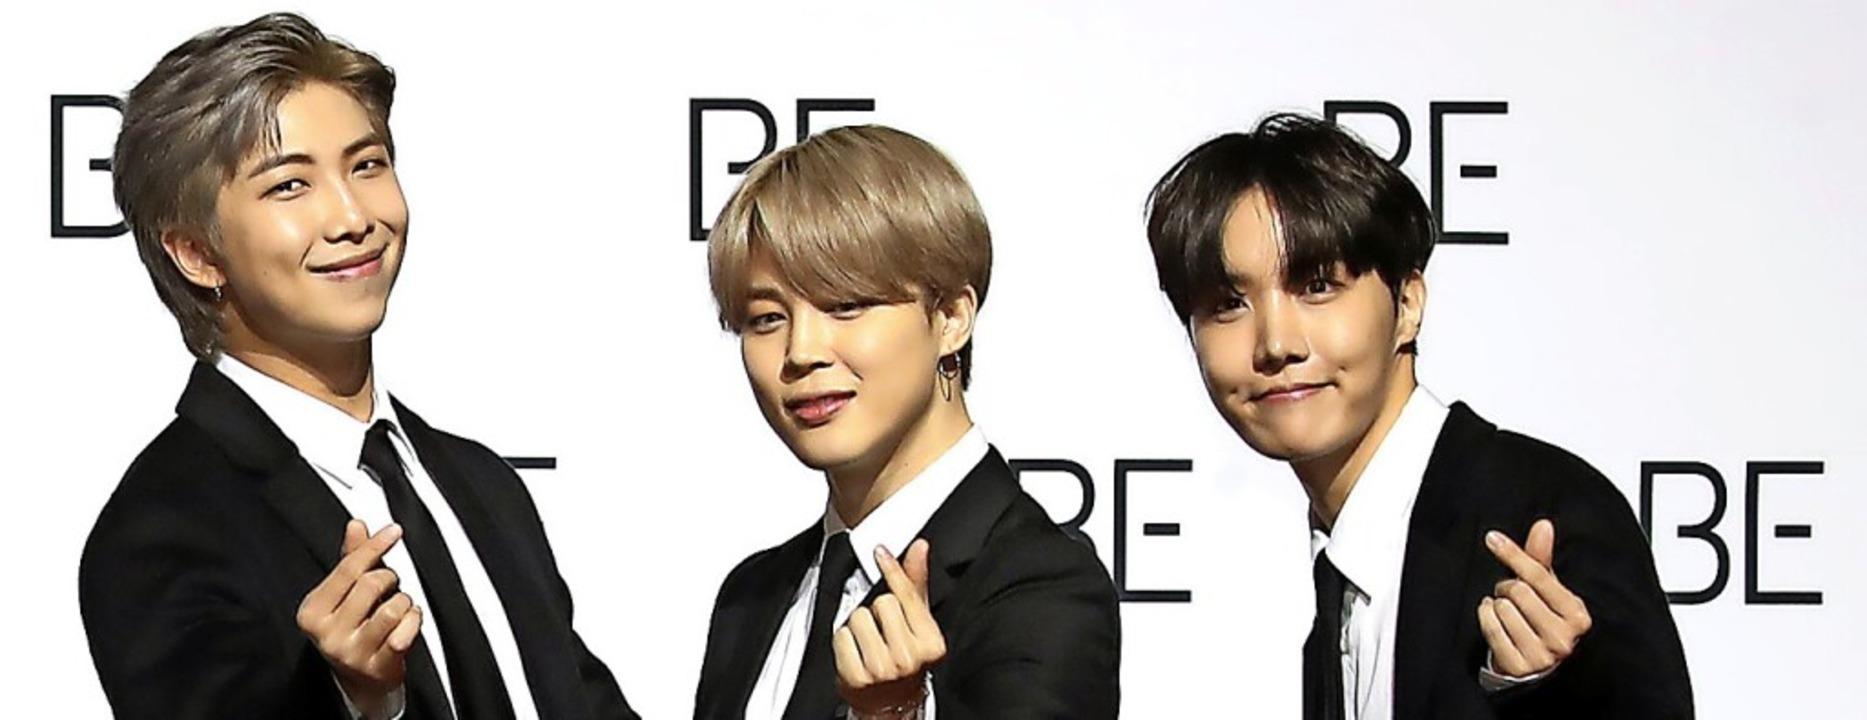 Drei der sieben Boygroup BTS-Mitglieder  | Foto: dpa